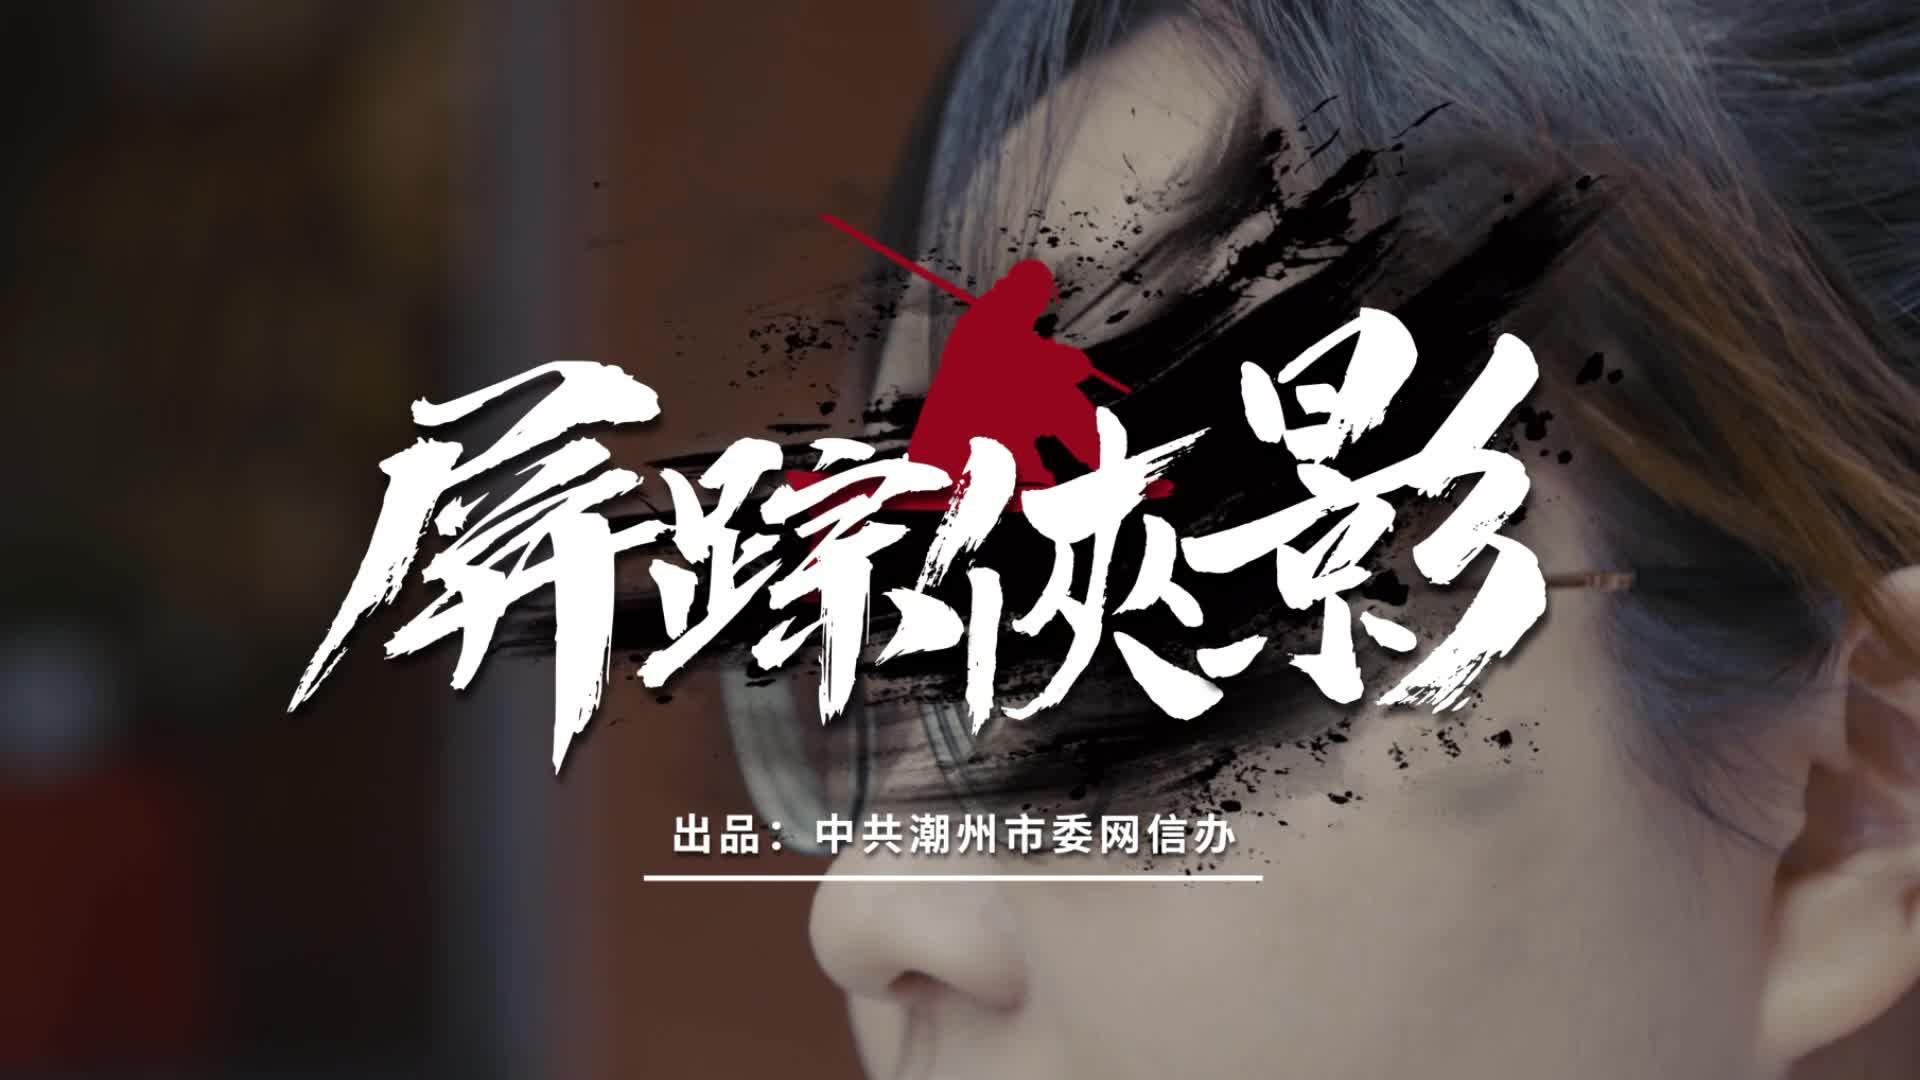 屏踪侠影(网络安全)